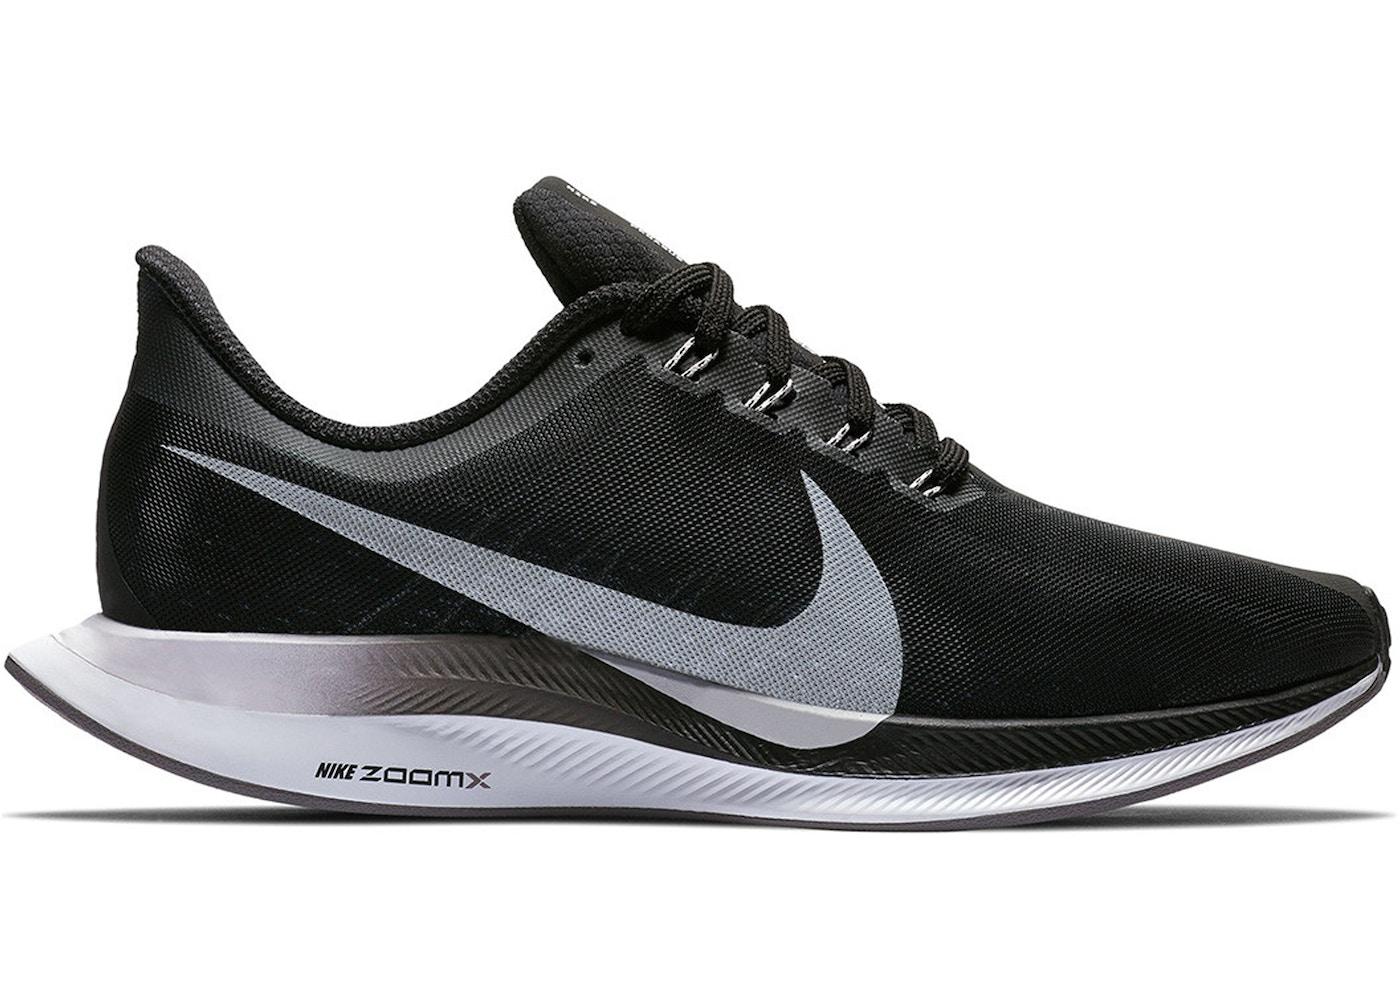 Vs Adidas Vs Nike Chaussure Nike WDYIE9H2